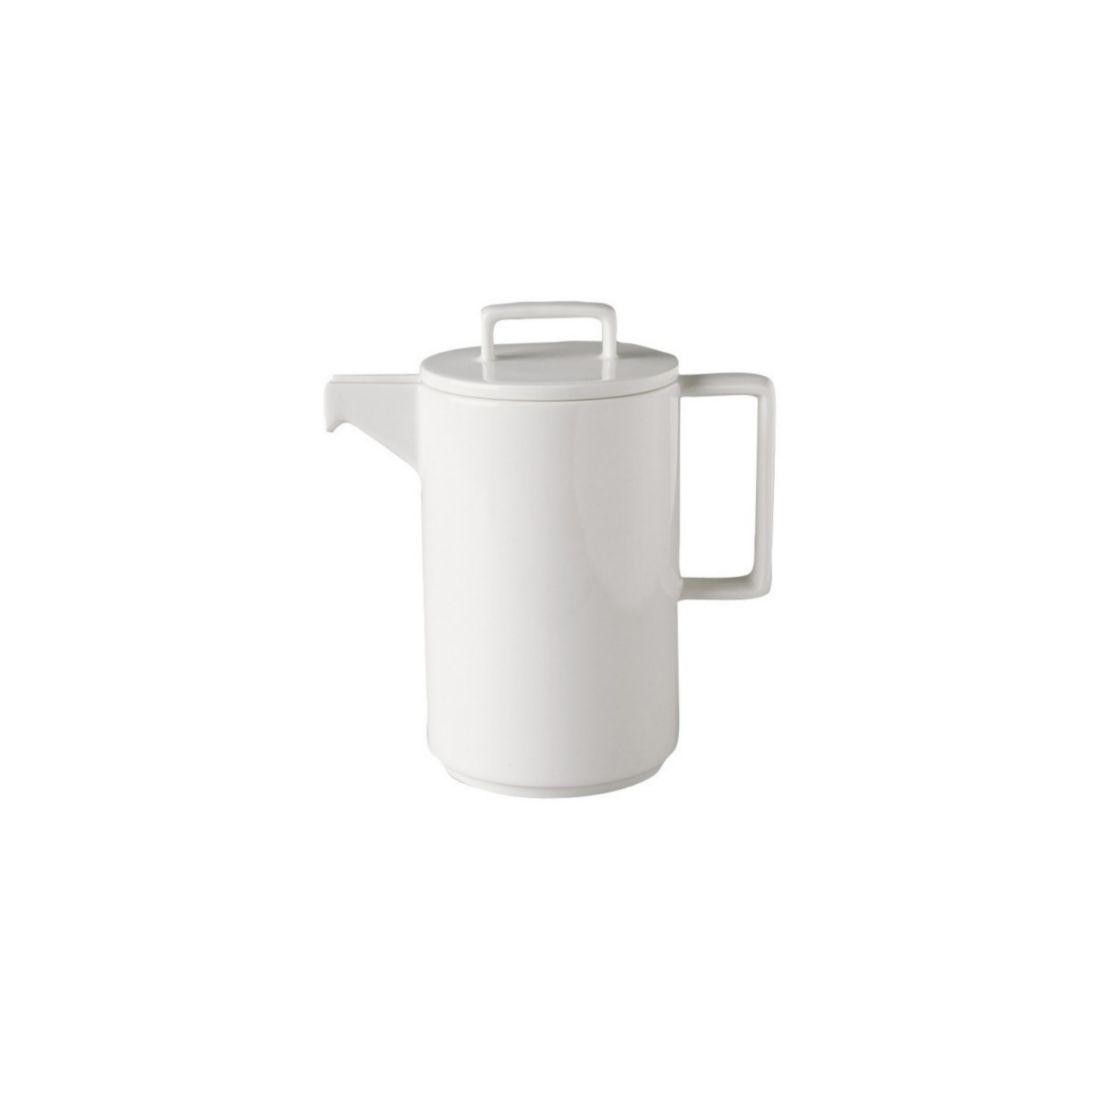 RAK Konvice na kávu s víčkem 40 ml Nordic